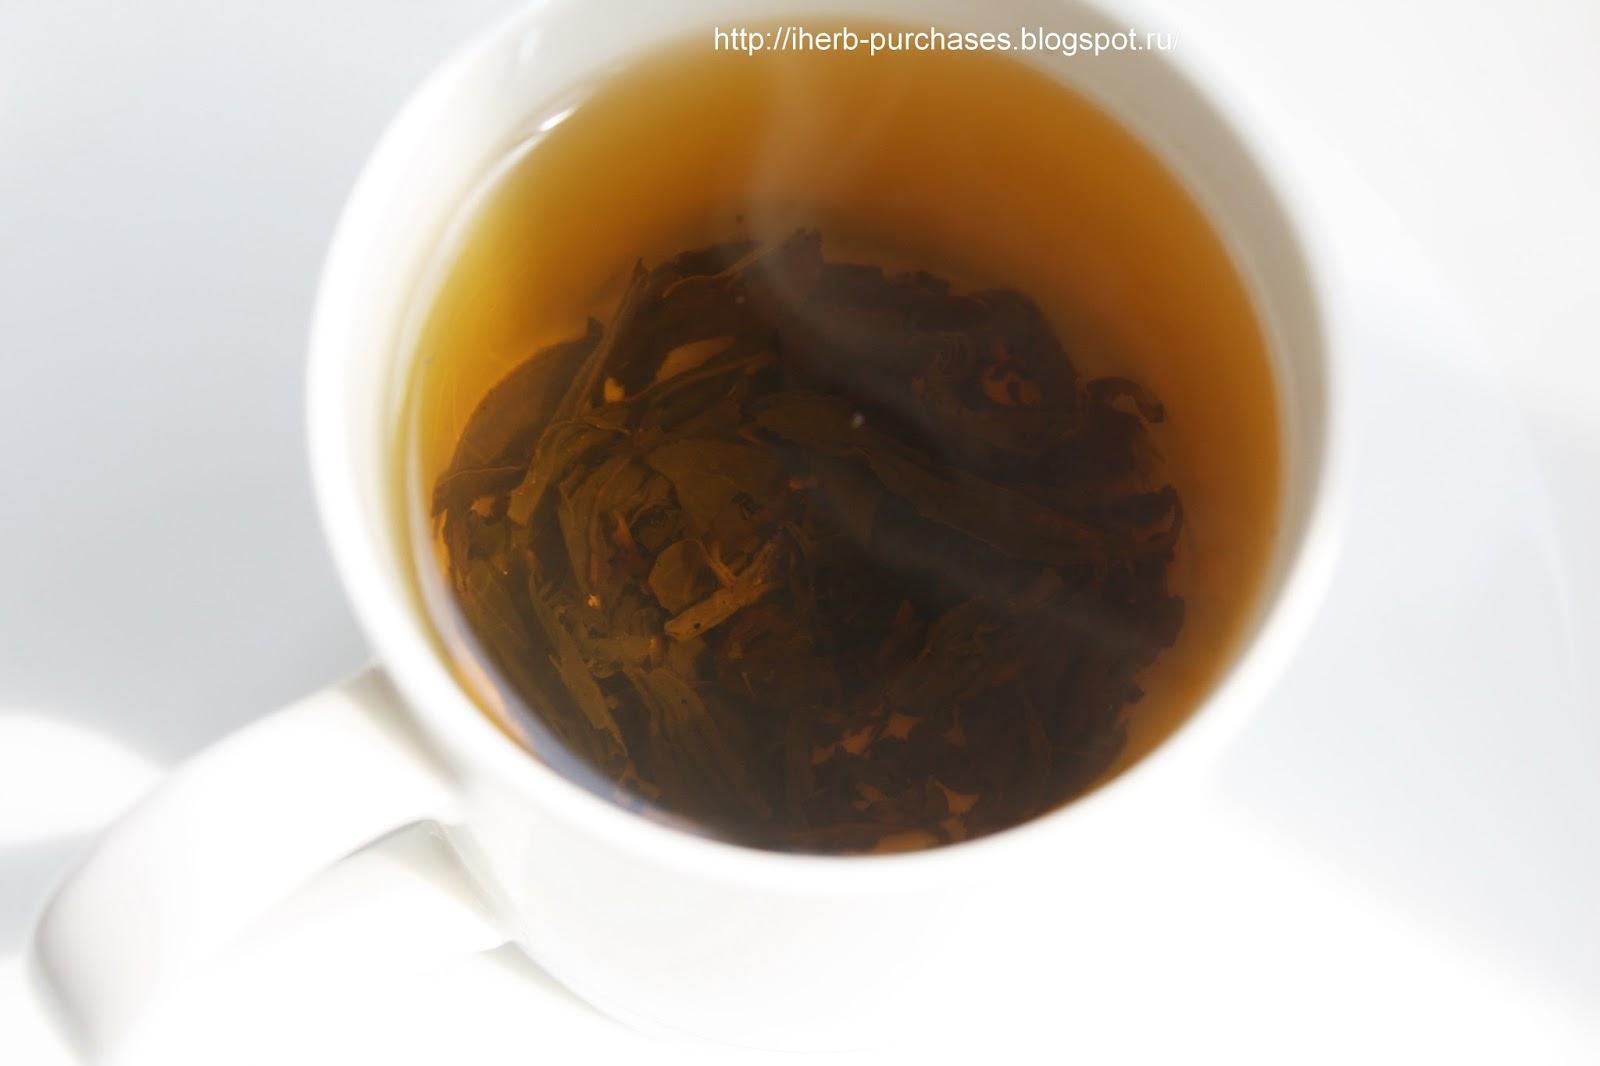 Кафе Время чая Благовещенск Информация Новости Фото